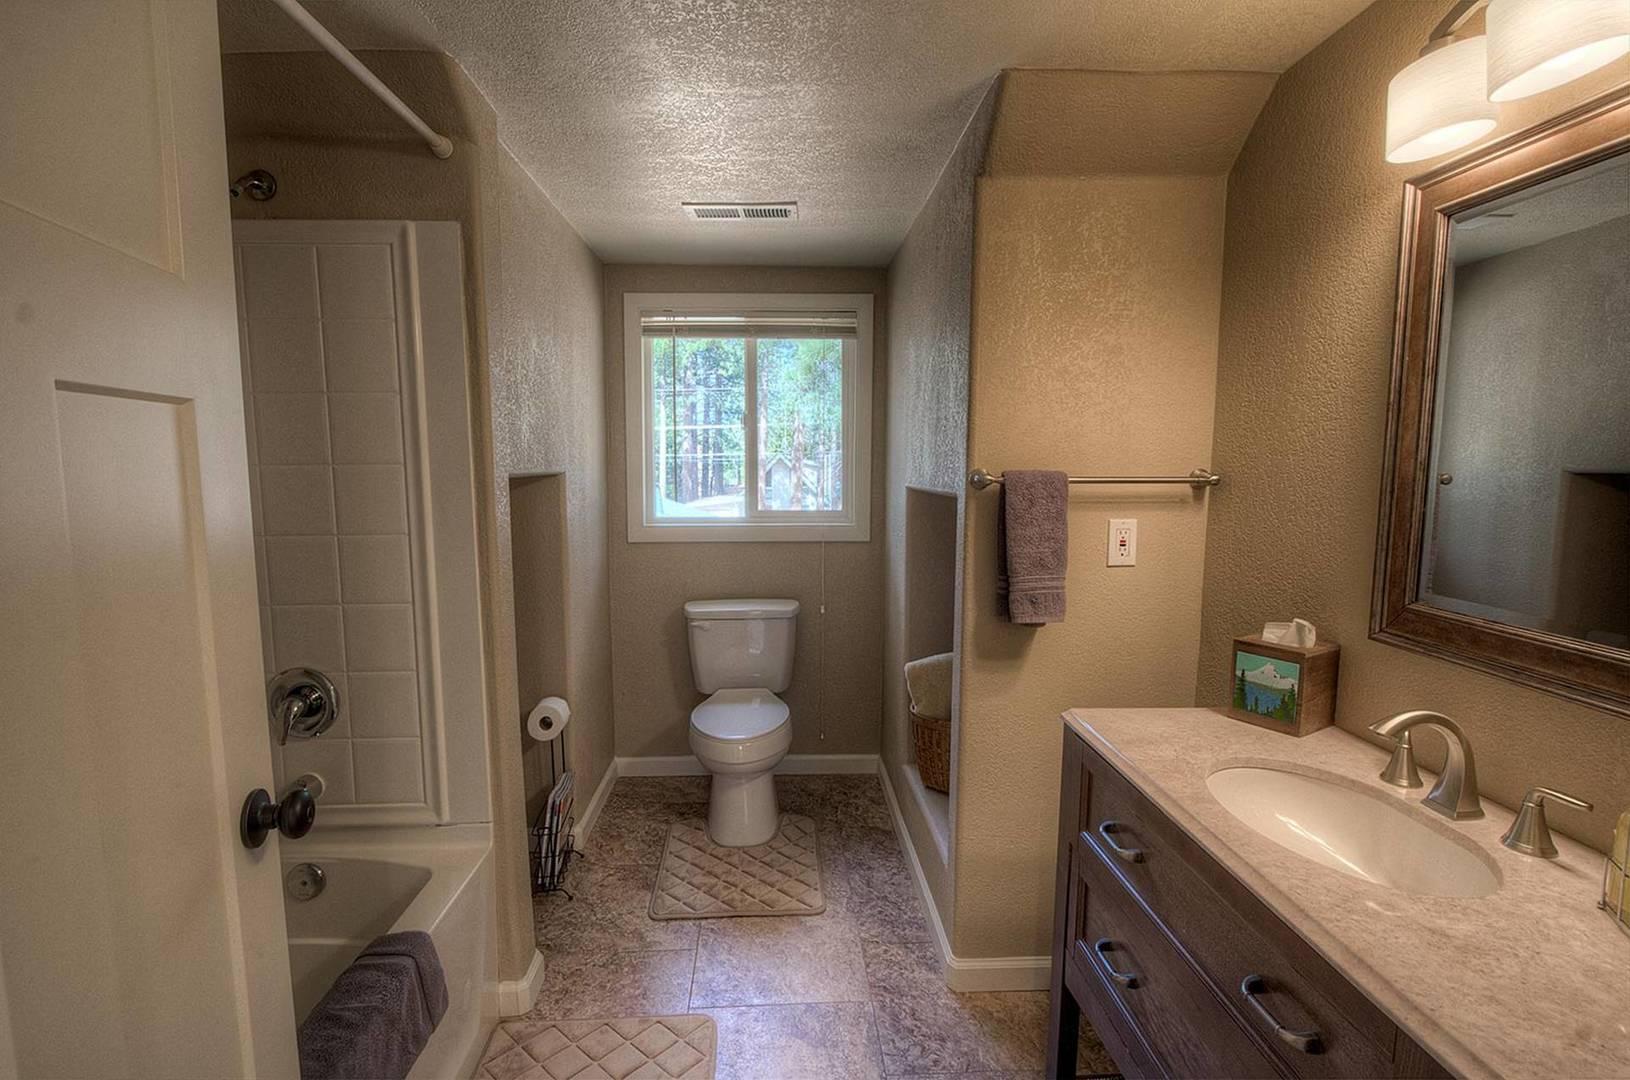 cyh1098 bathroom